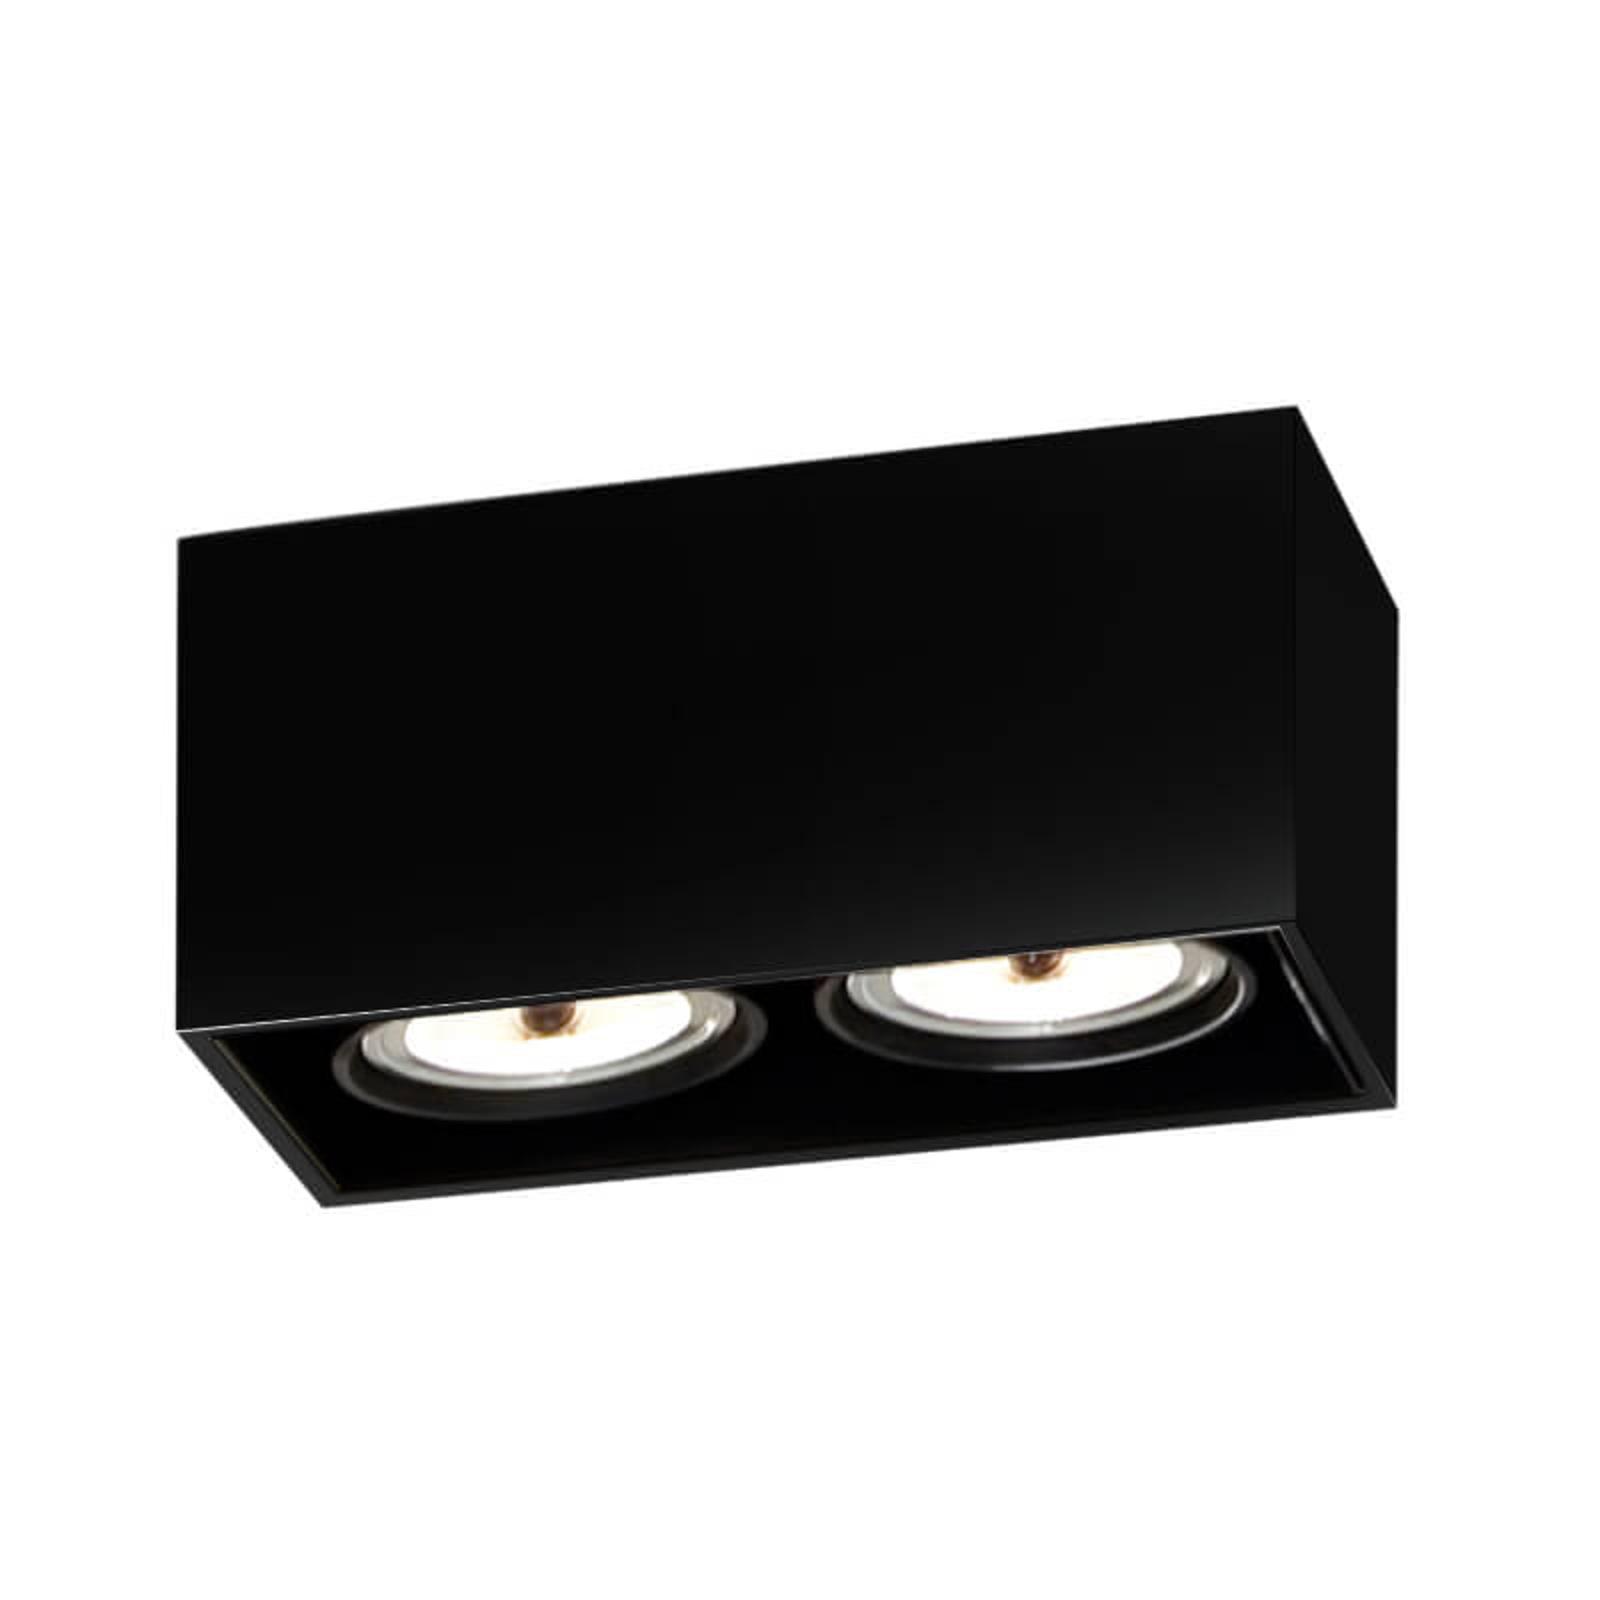 FLOS Compass Box H135 - Deckenleuchte 2flg schwarz